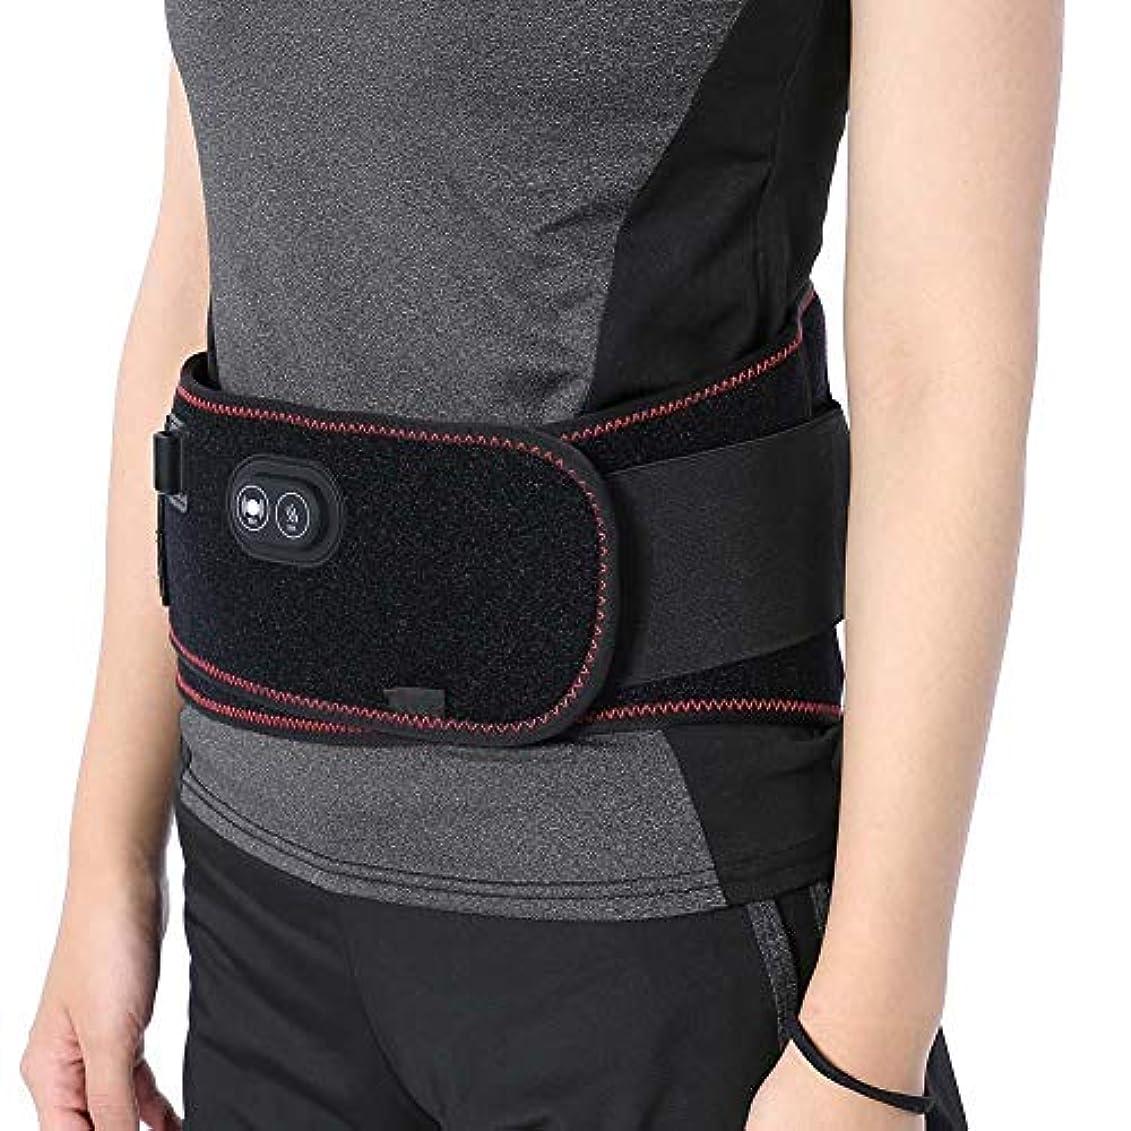 円周活力風景暖房ウエストベルト電気暖かい腹部マッサージ振動ウエストサポート、リリーフ性月経困難症と腹部の背中の痛み暖かい腰椎振動ラップ男性と女性のための低い